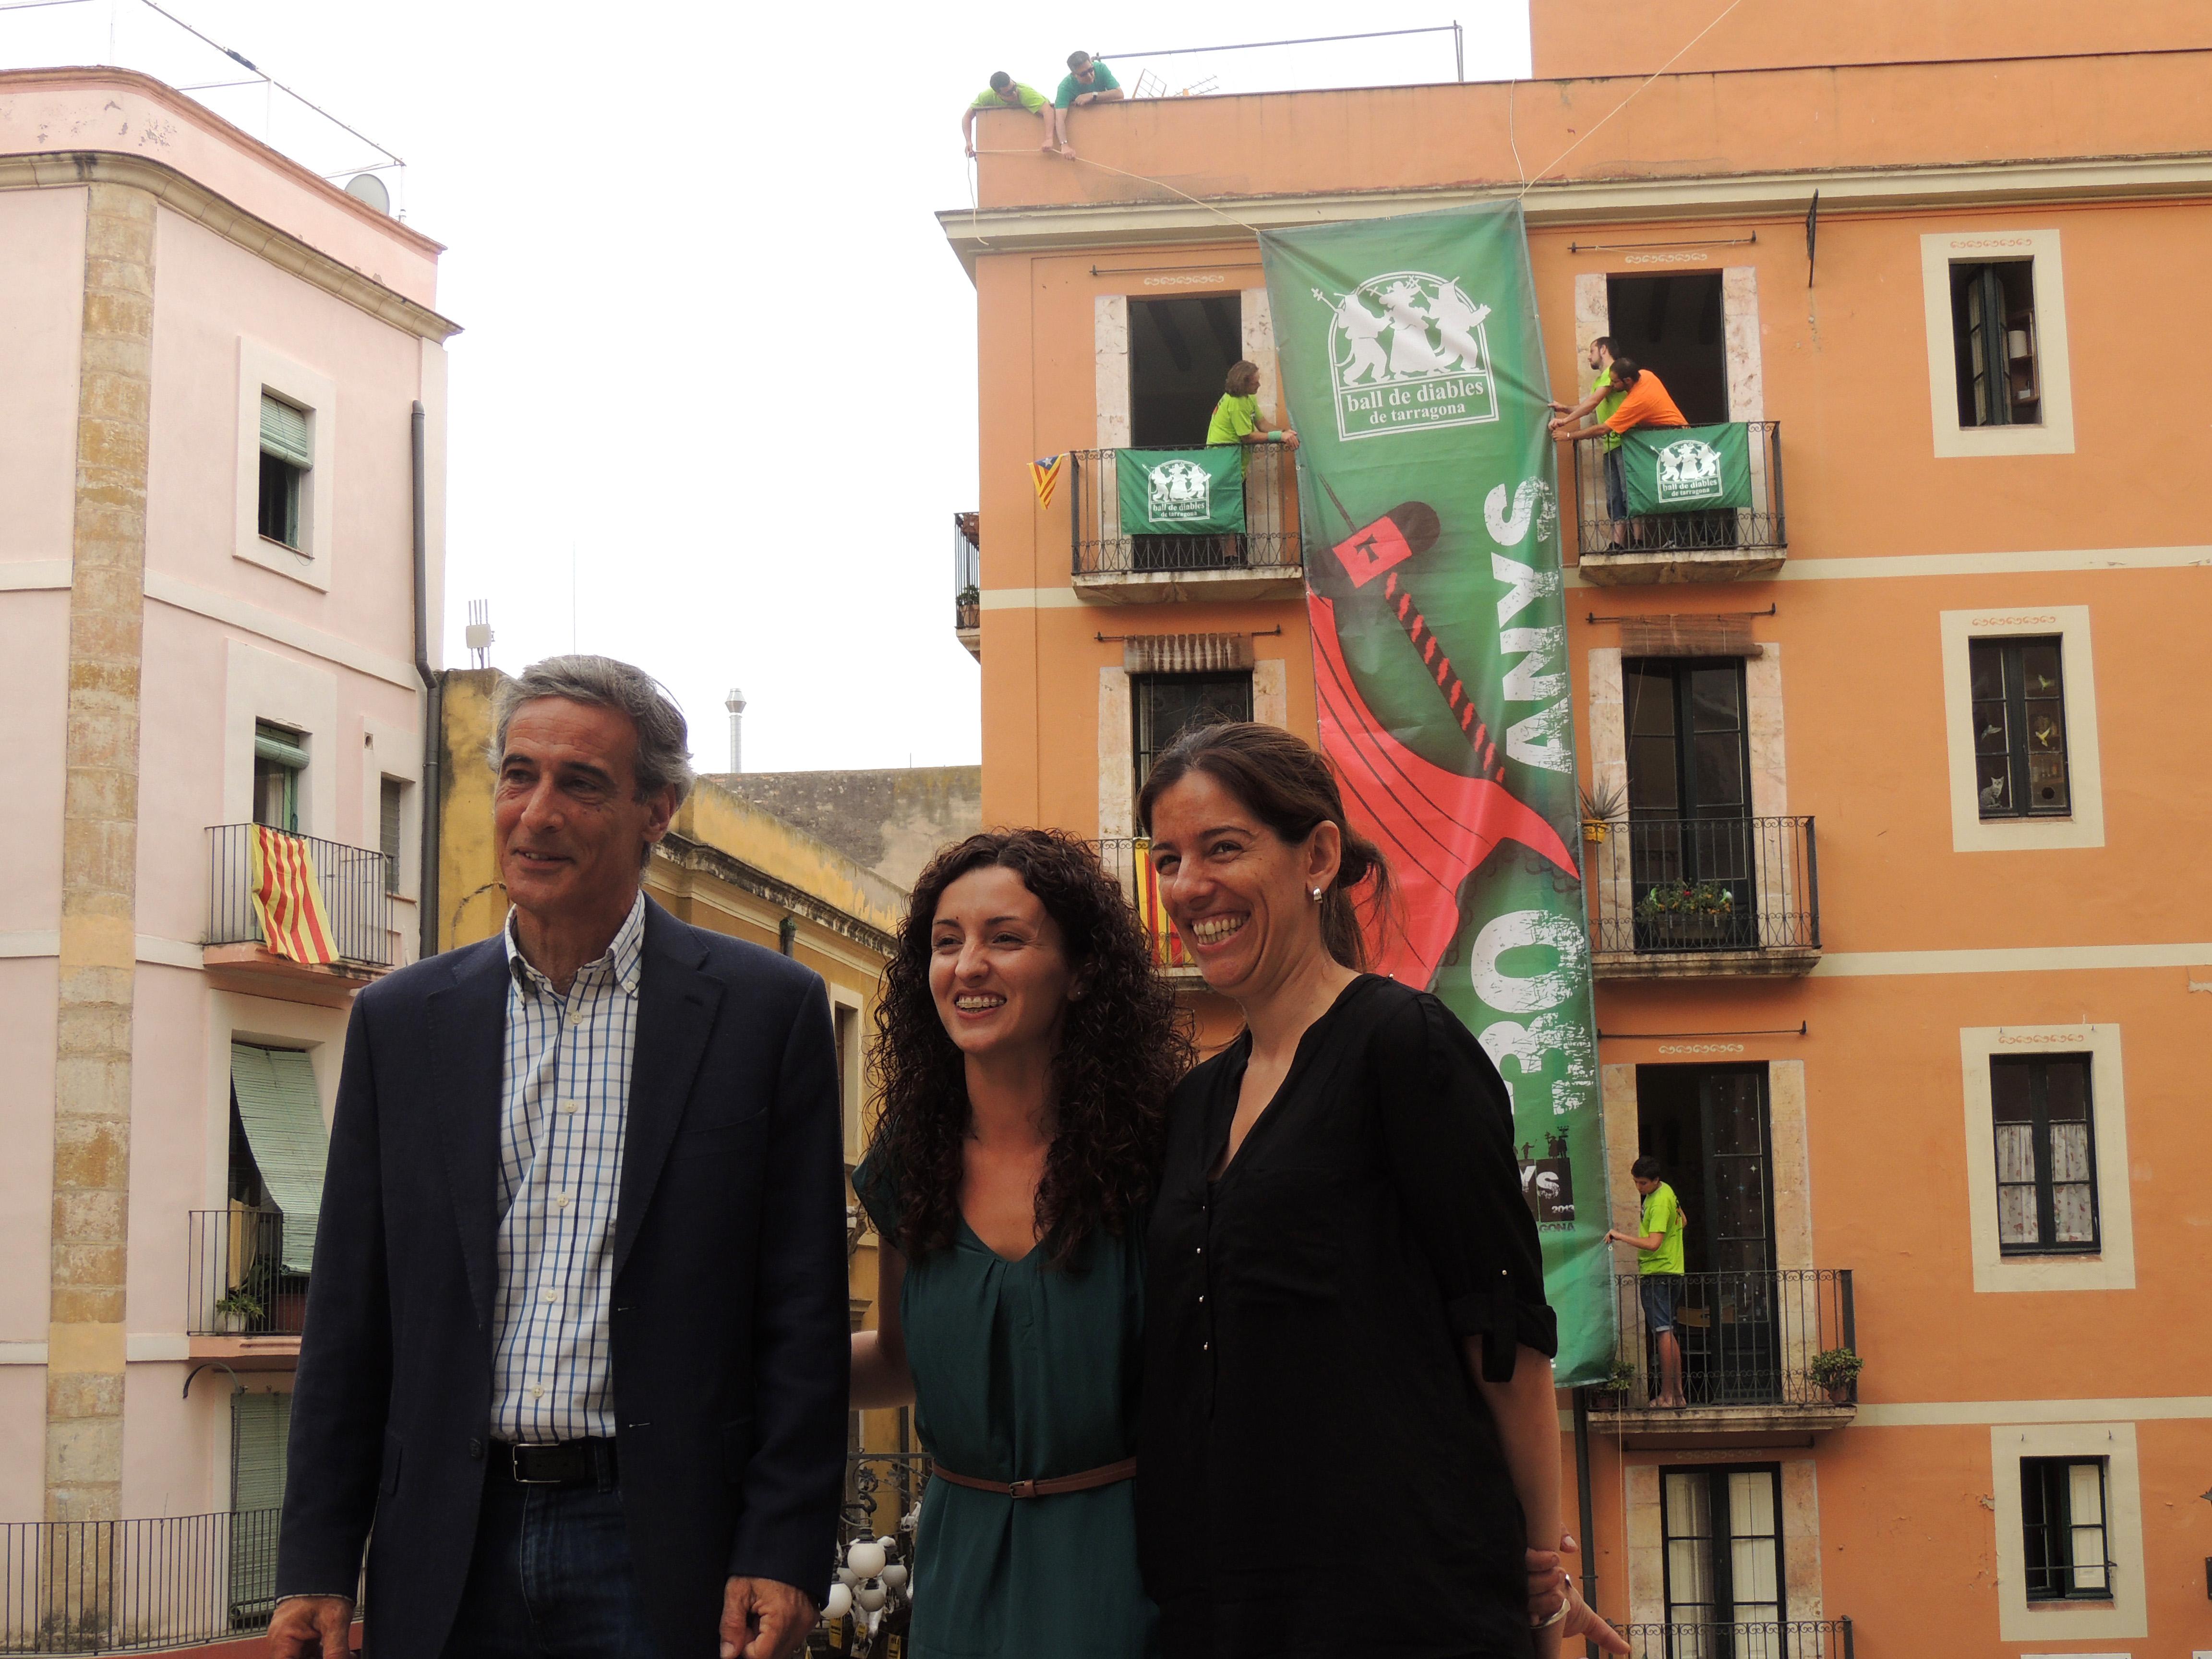 La presidenta del Ball de Diables, Ana Tellaetxe (centre), davant de la lona commemorativa, i acompanyada de Josep Bertran (esquerra), de Repsol, i Marianne Wafelaert (dreta), de Chartreuse Difusion.